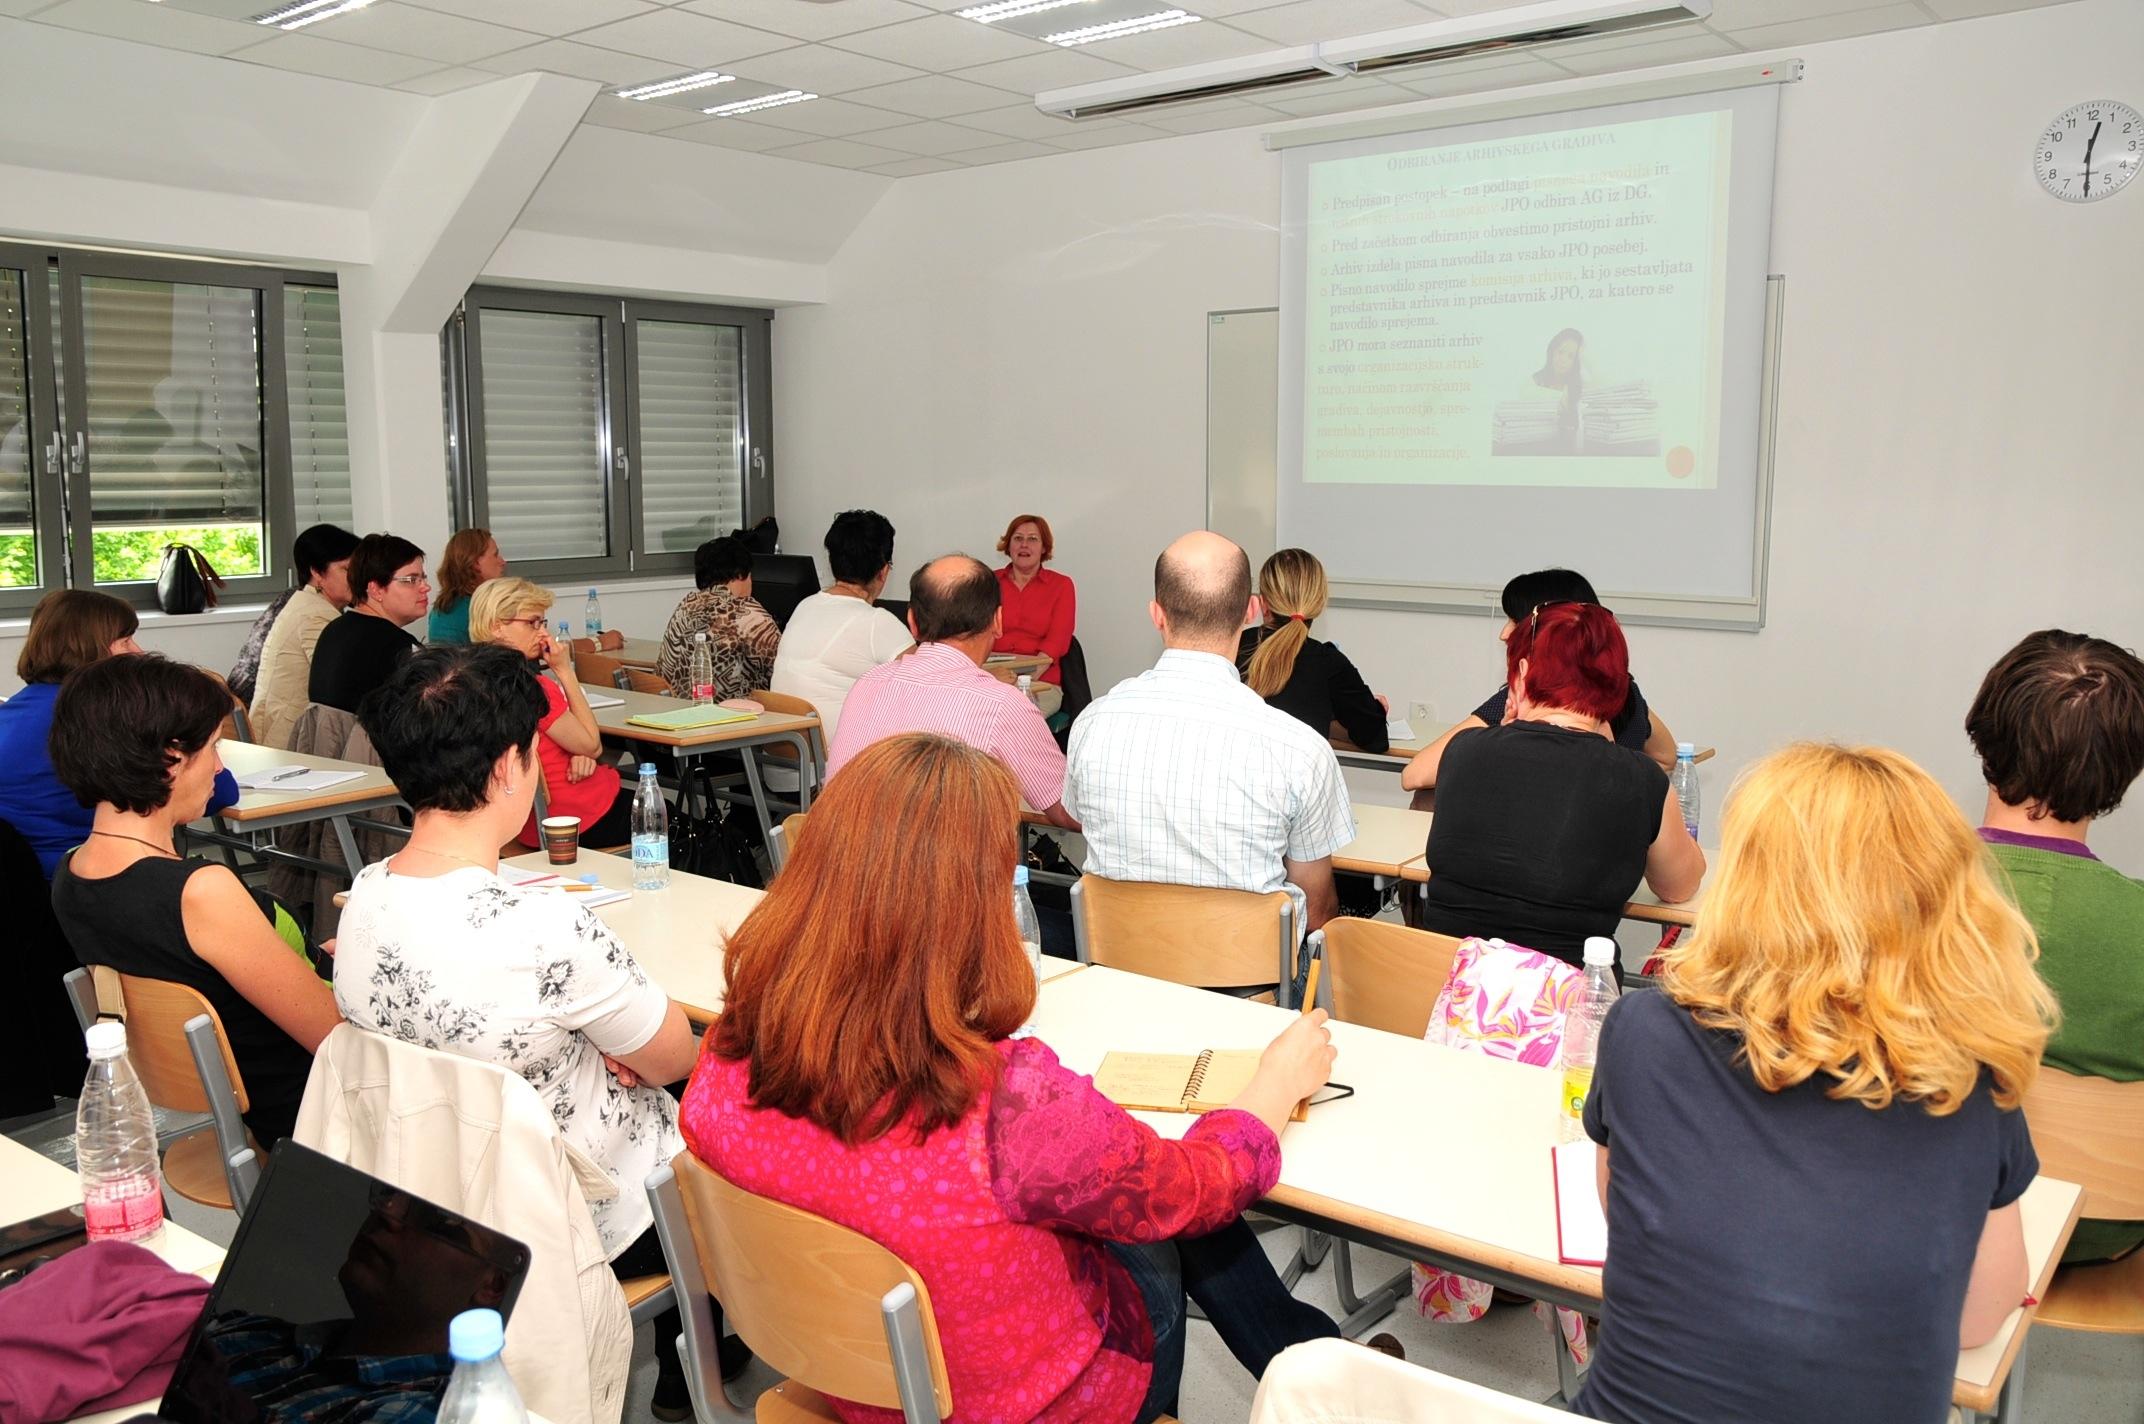 Udeleženci seminarja za preizkus strokovne usposobljenosti gledajo predstavitveni pano